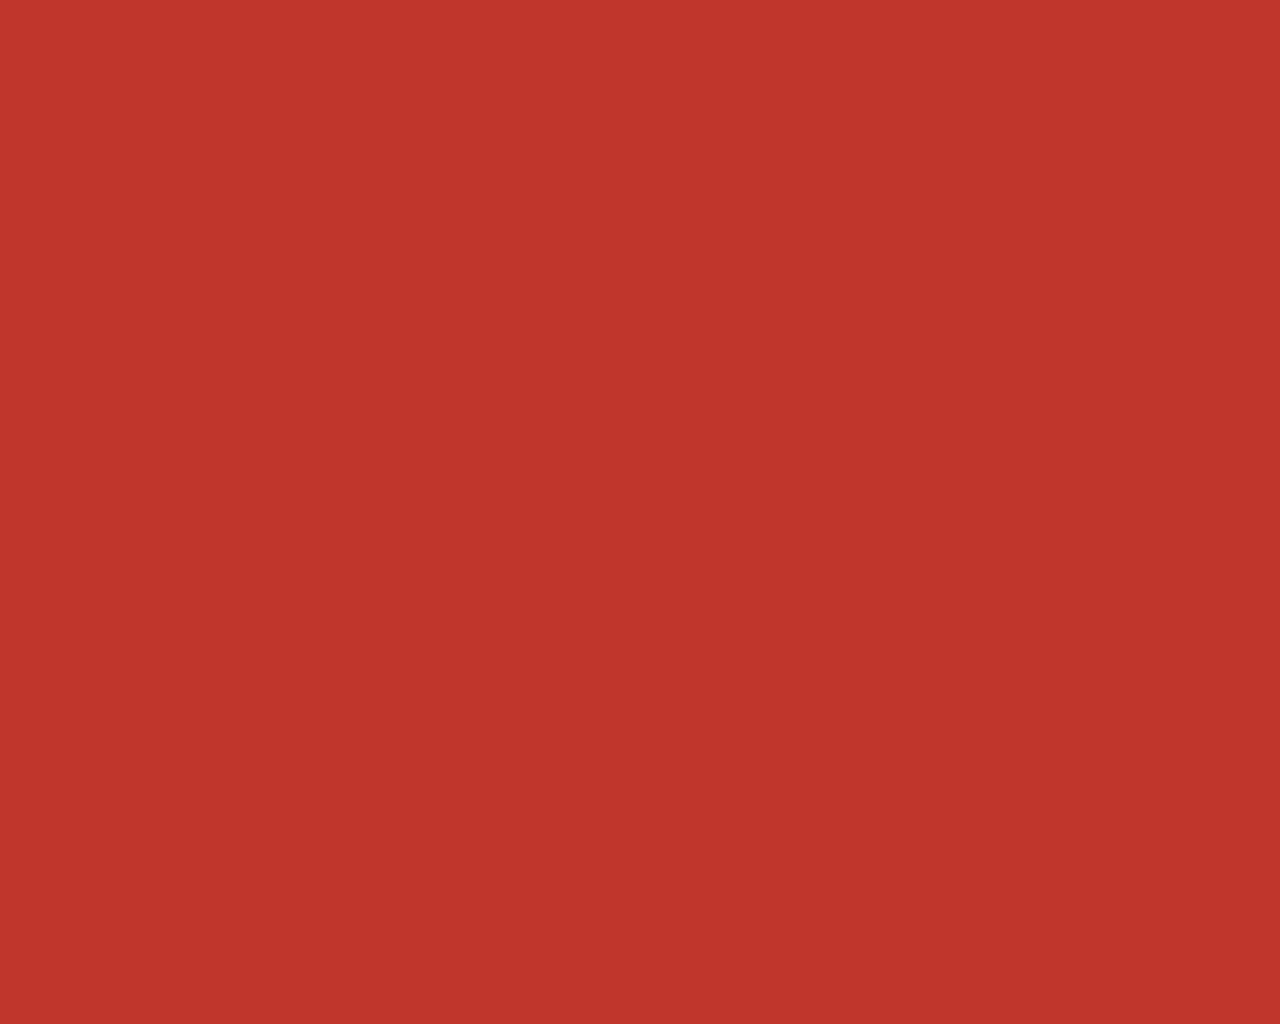 1280x1024 International Orange Golden Gate Bridge Solid Color Background